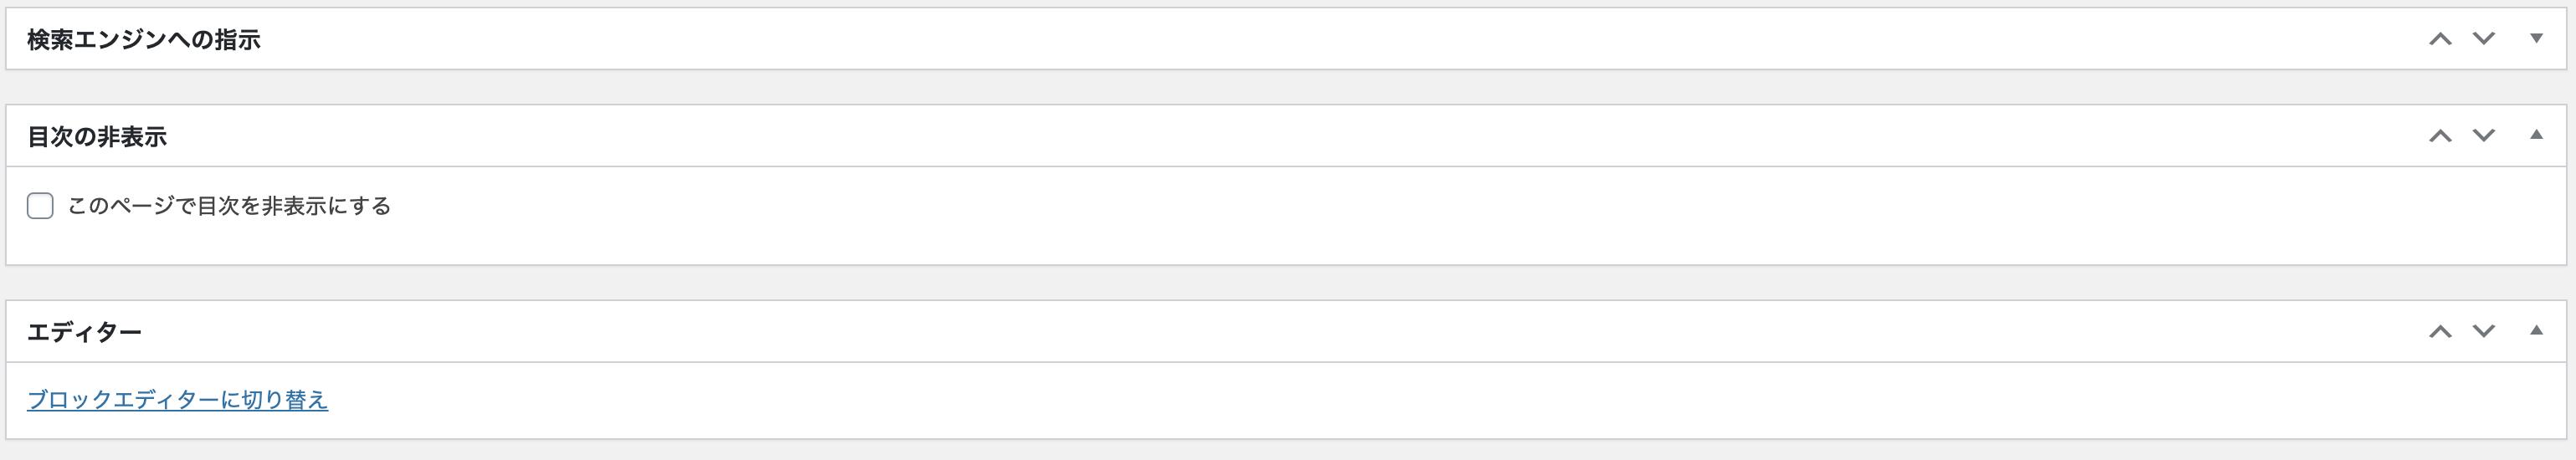 スクリーンショット 2021 07 24 23.29.05 - 【WordPress】Classic Editorは2022年以降もサポート終了はしない【旧エディターに戻して編集する方法】